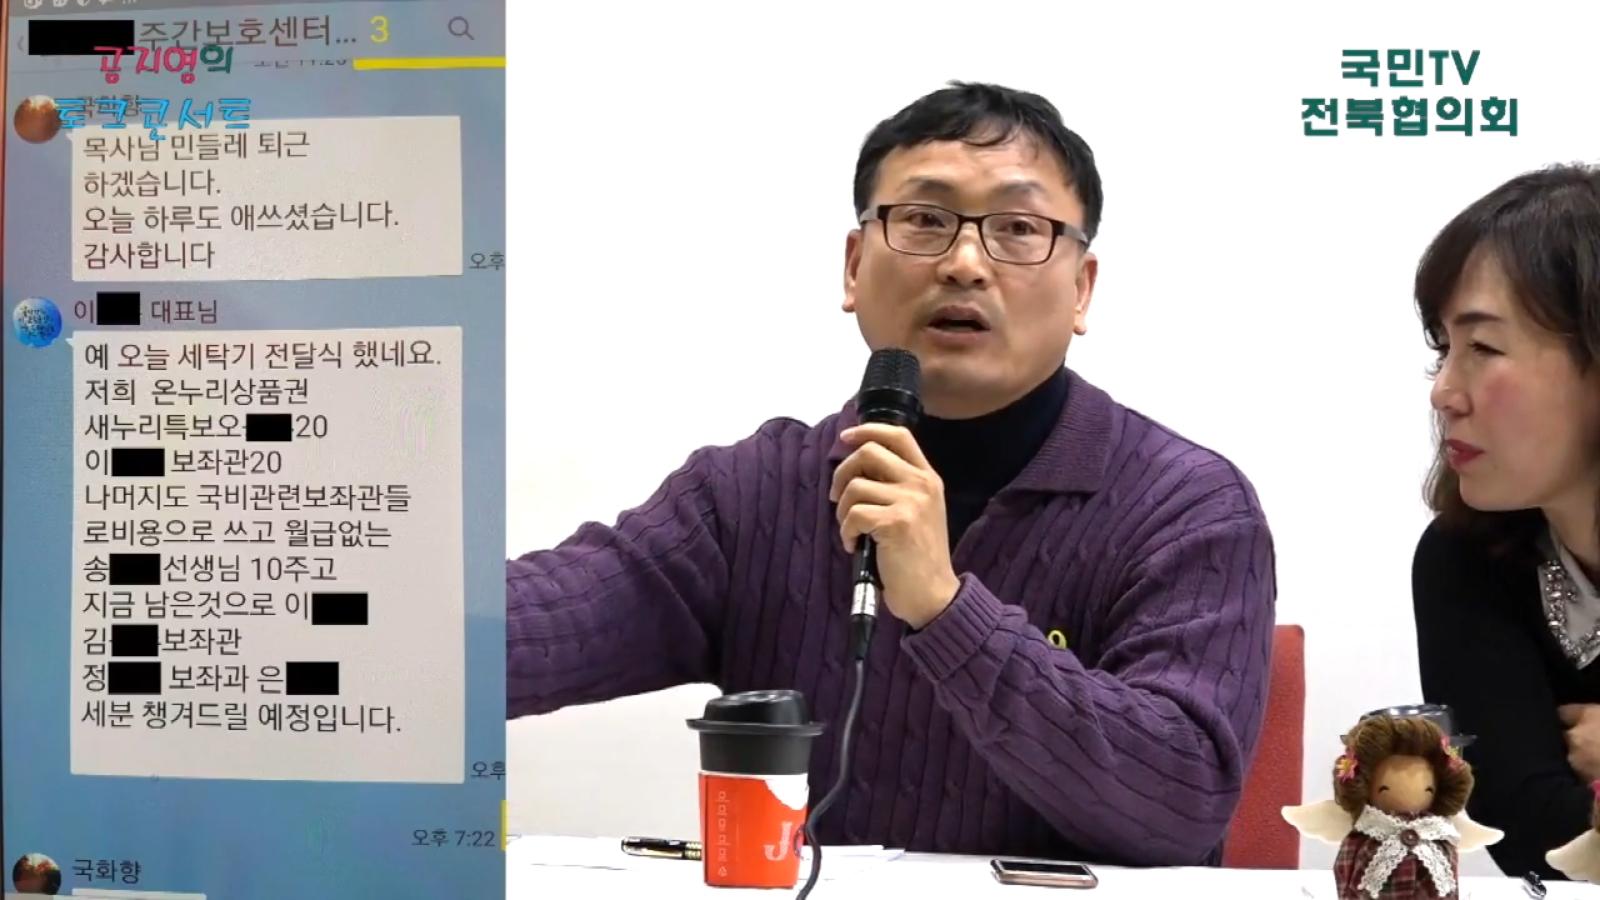 [18.1.17 국민TV전북] 공지영 작가 초청 방송_봉침 이목사 사건과 검찰의 기소 축소 이유7.jpg